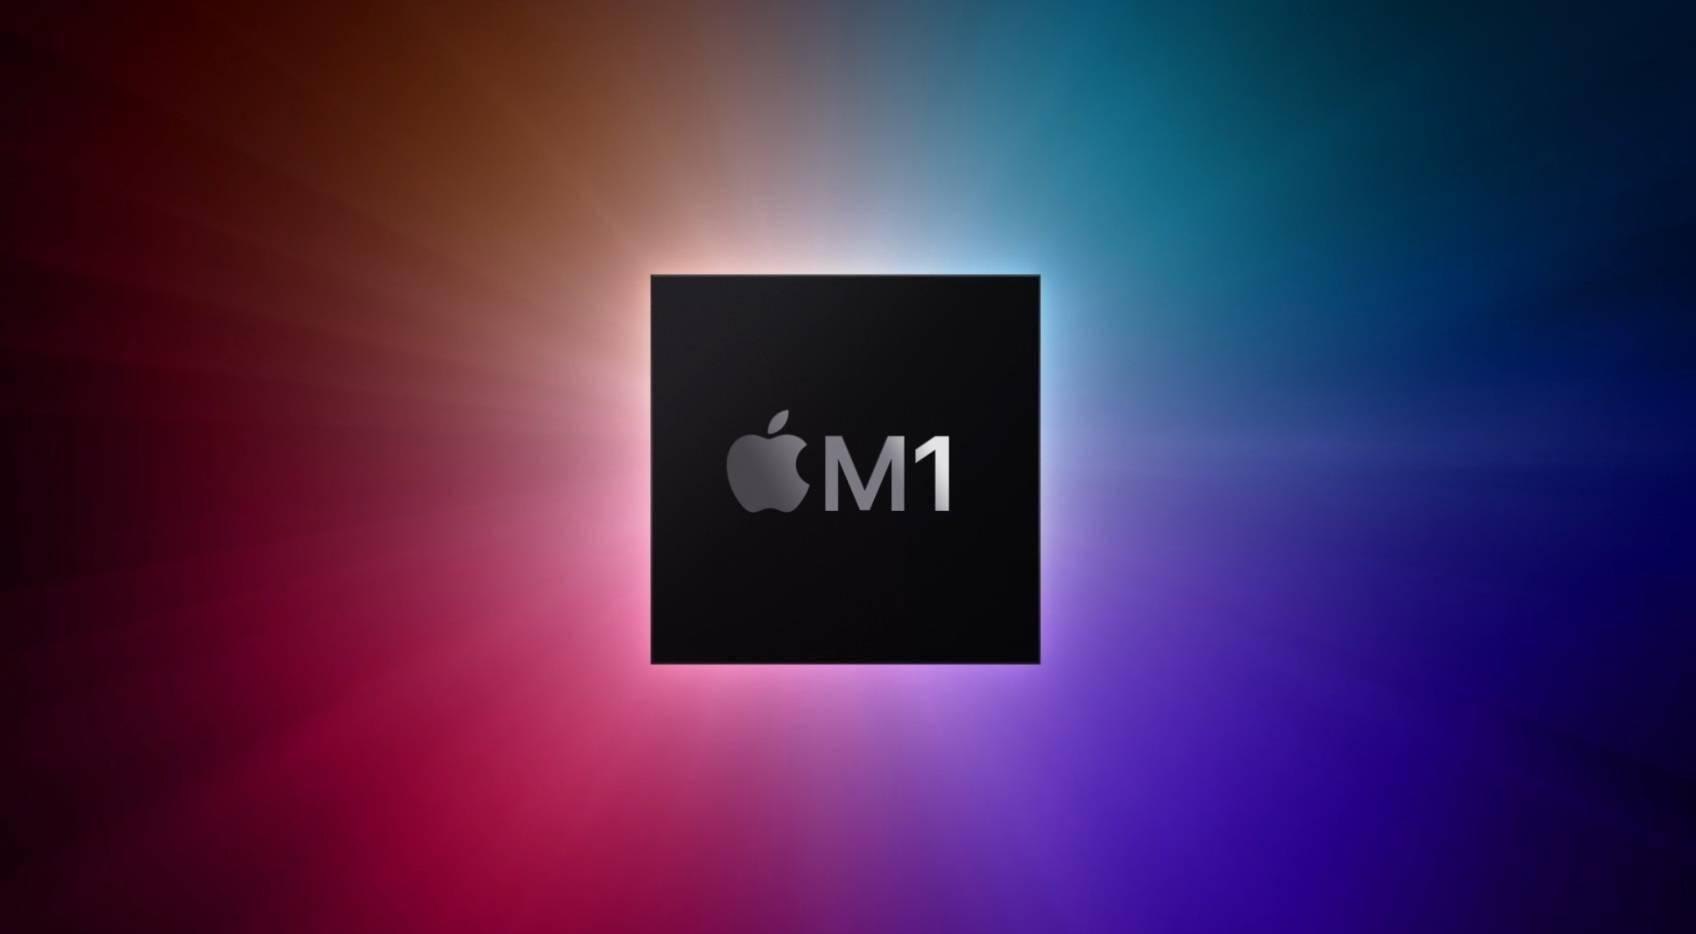 英特尔发布全新处理器,对标 M1 芯片?